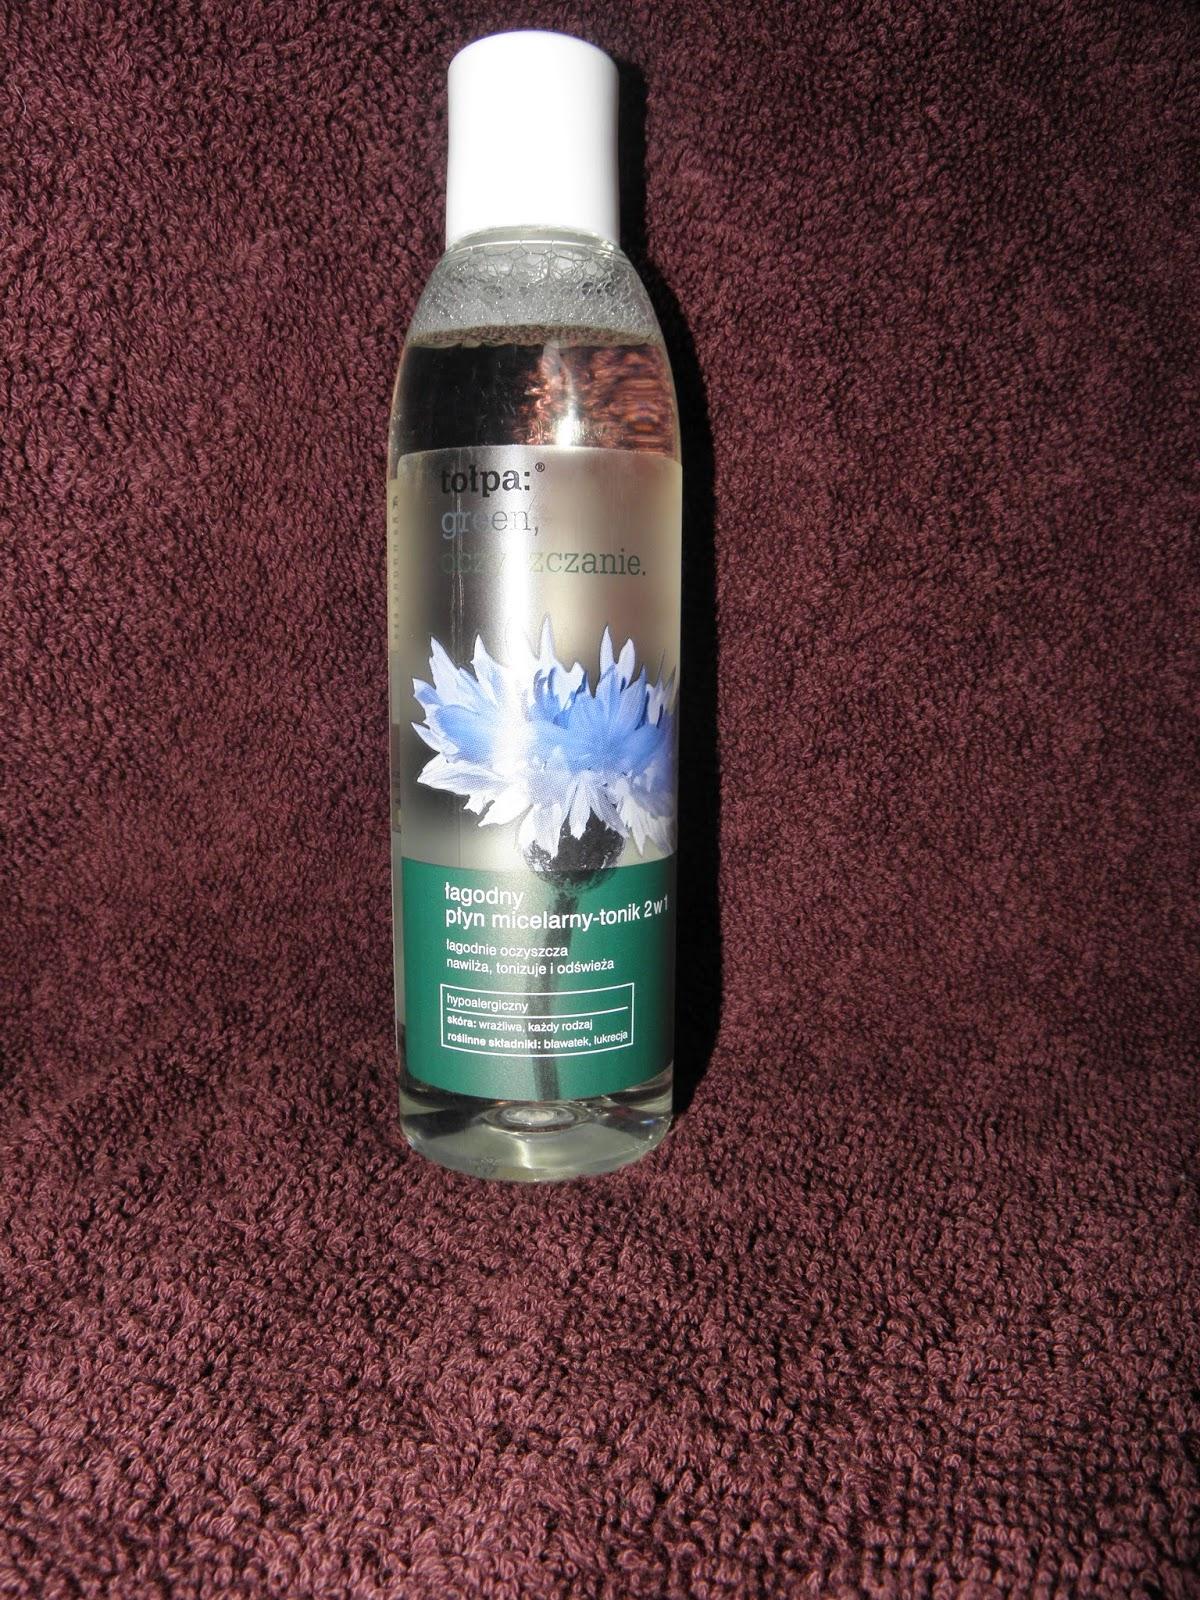 Tołpa łagodny płyn micelarny - tonik 2 w 1 czyli nowości Biedronki